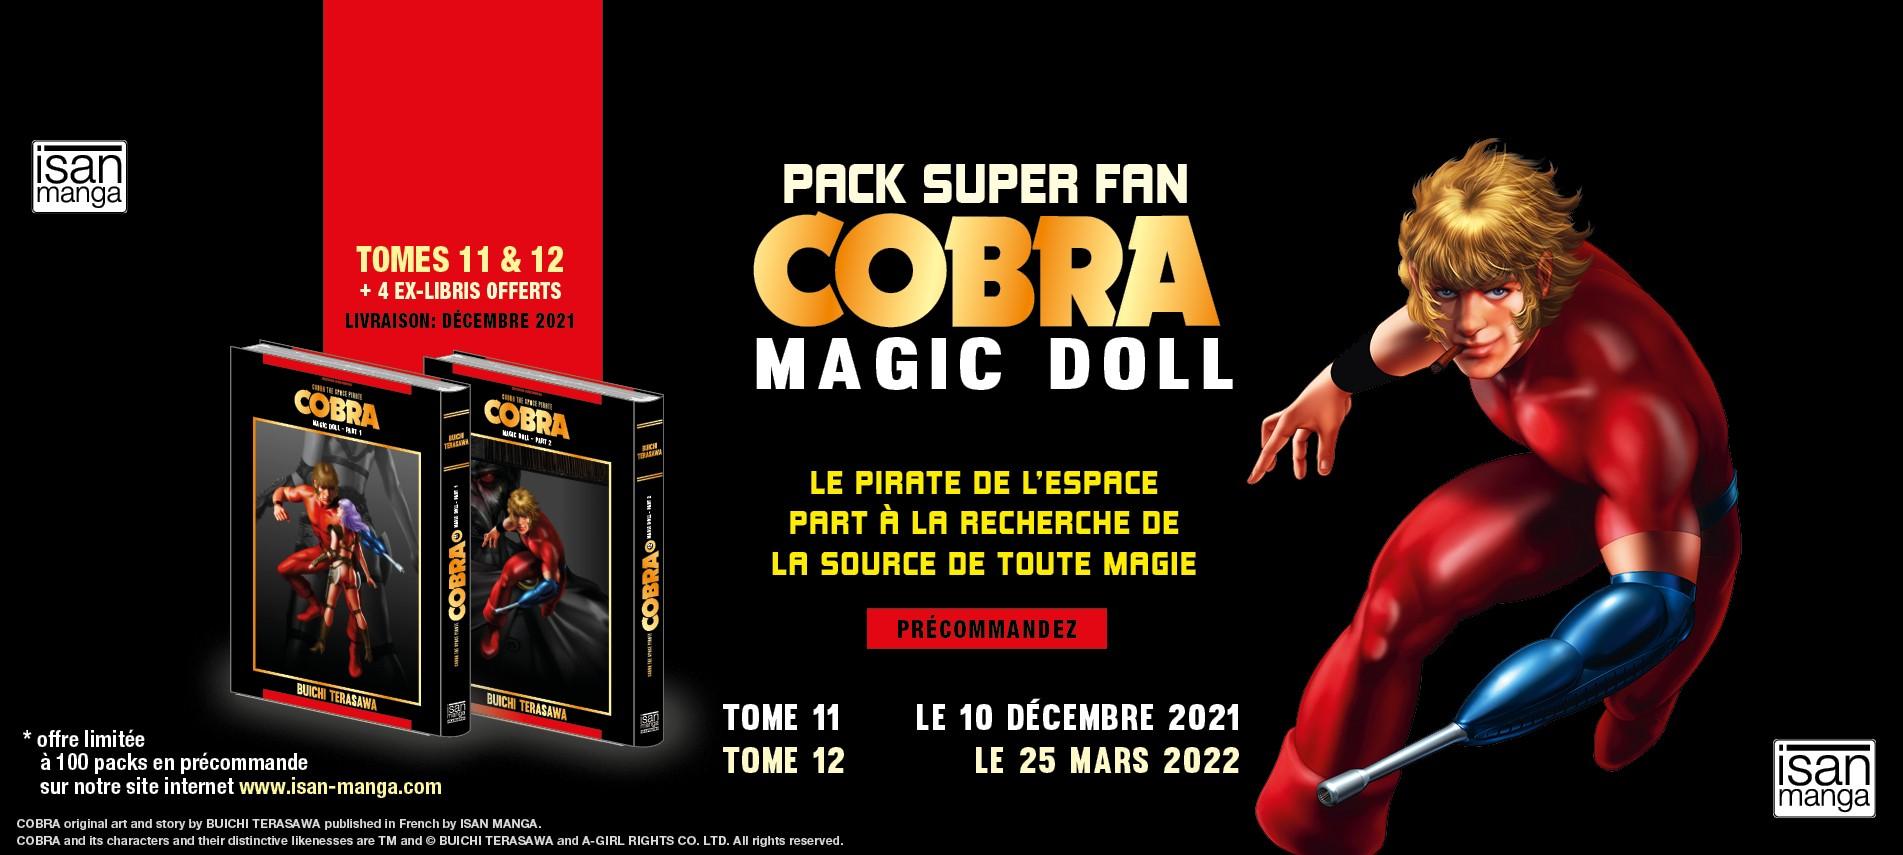 Cobra Magic Doll - Pack Super Fan comprenant les tomes 11 & 12 du manga de Buichi Terasawa